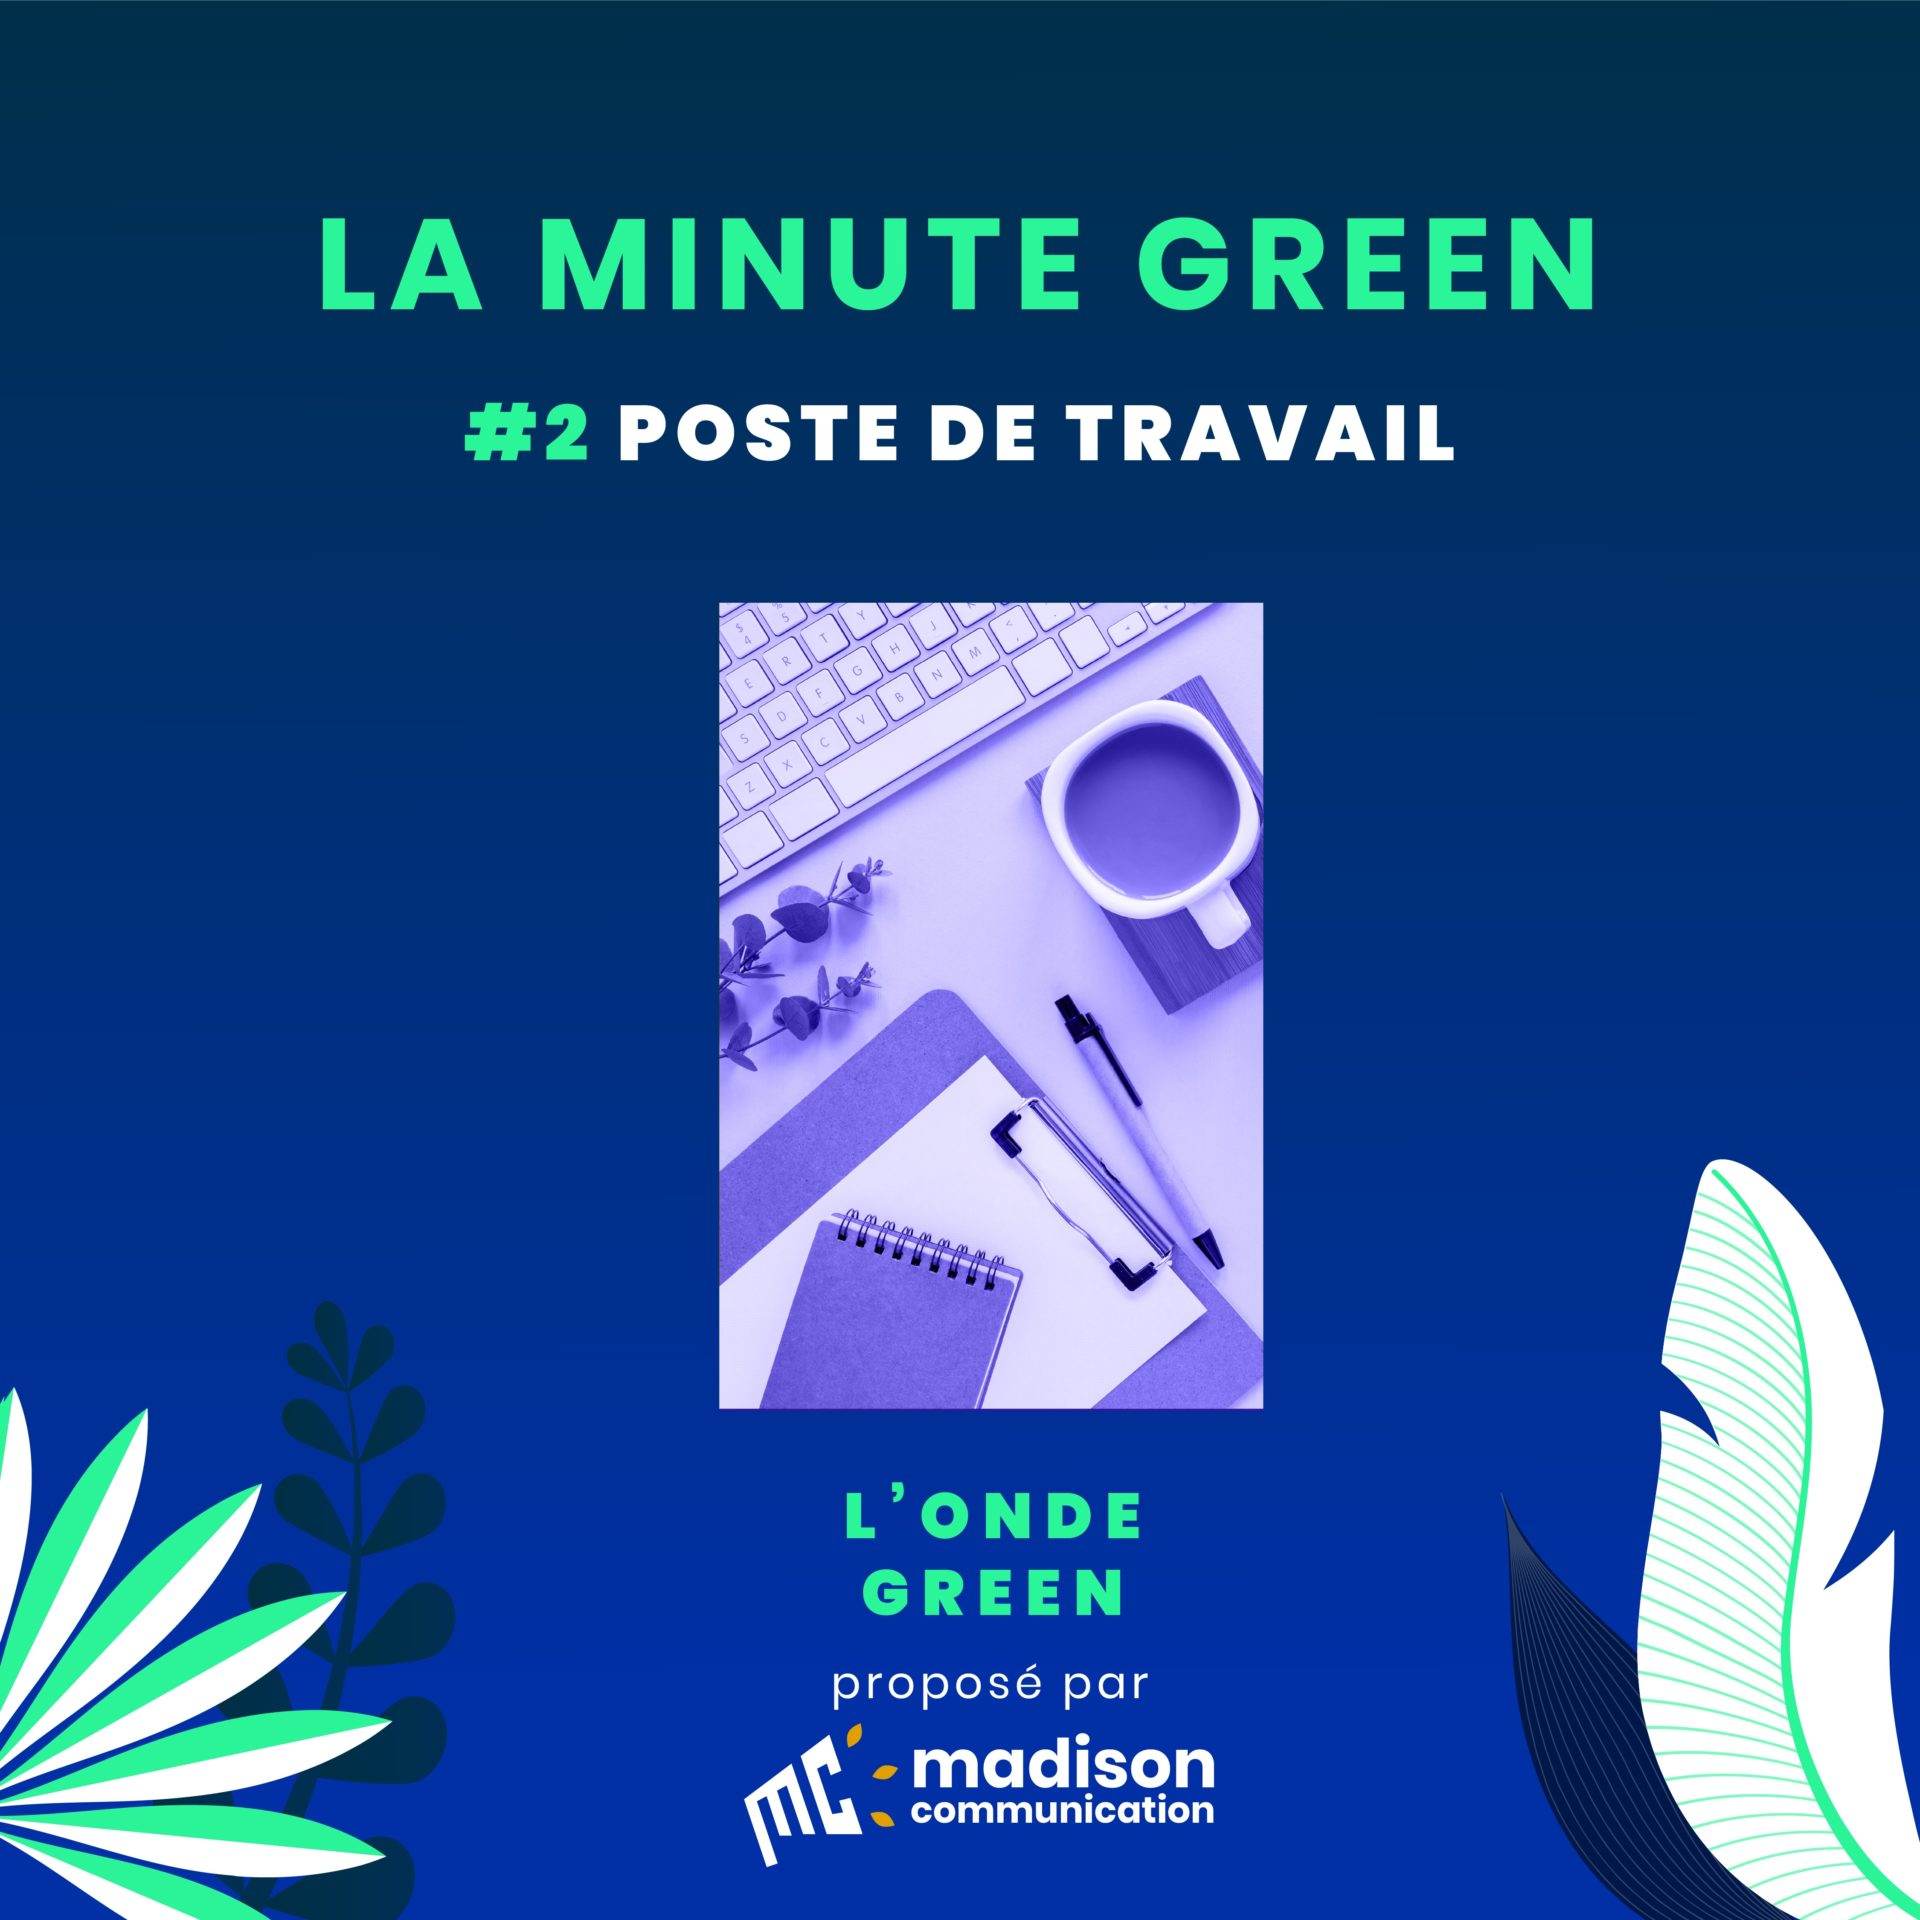 Podcast L'onde Green / Minute Green #2 – La check-list écoresponsable au bureau